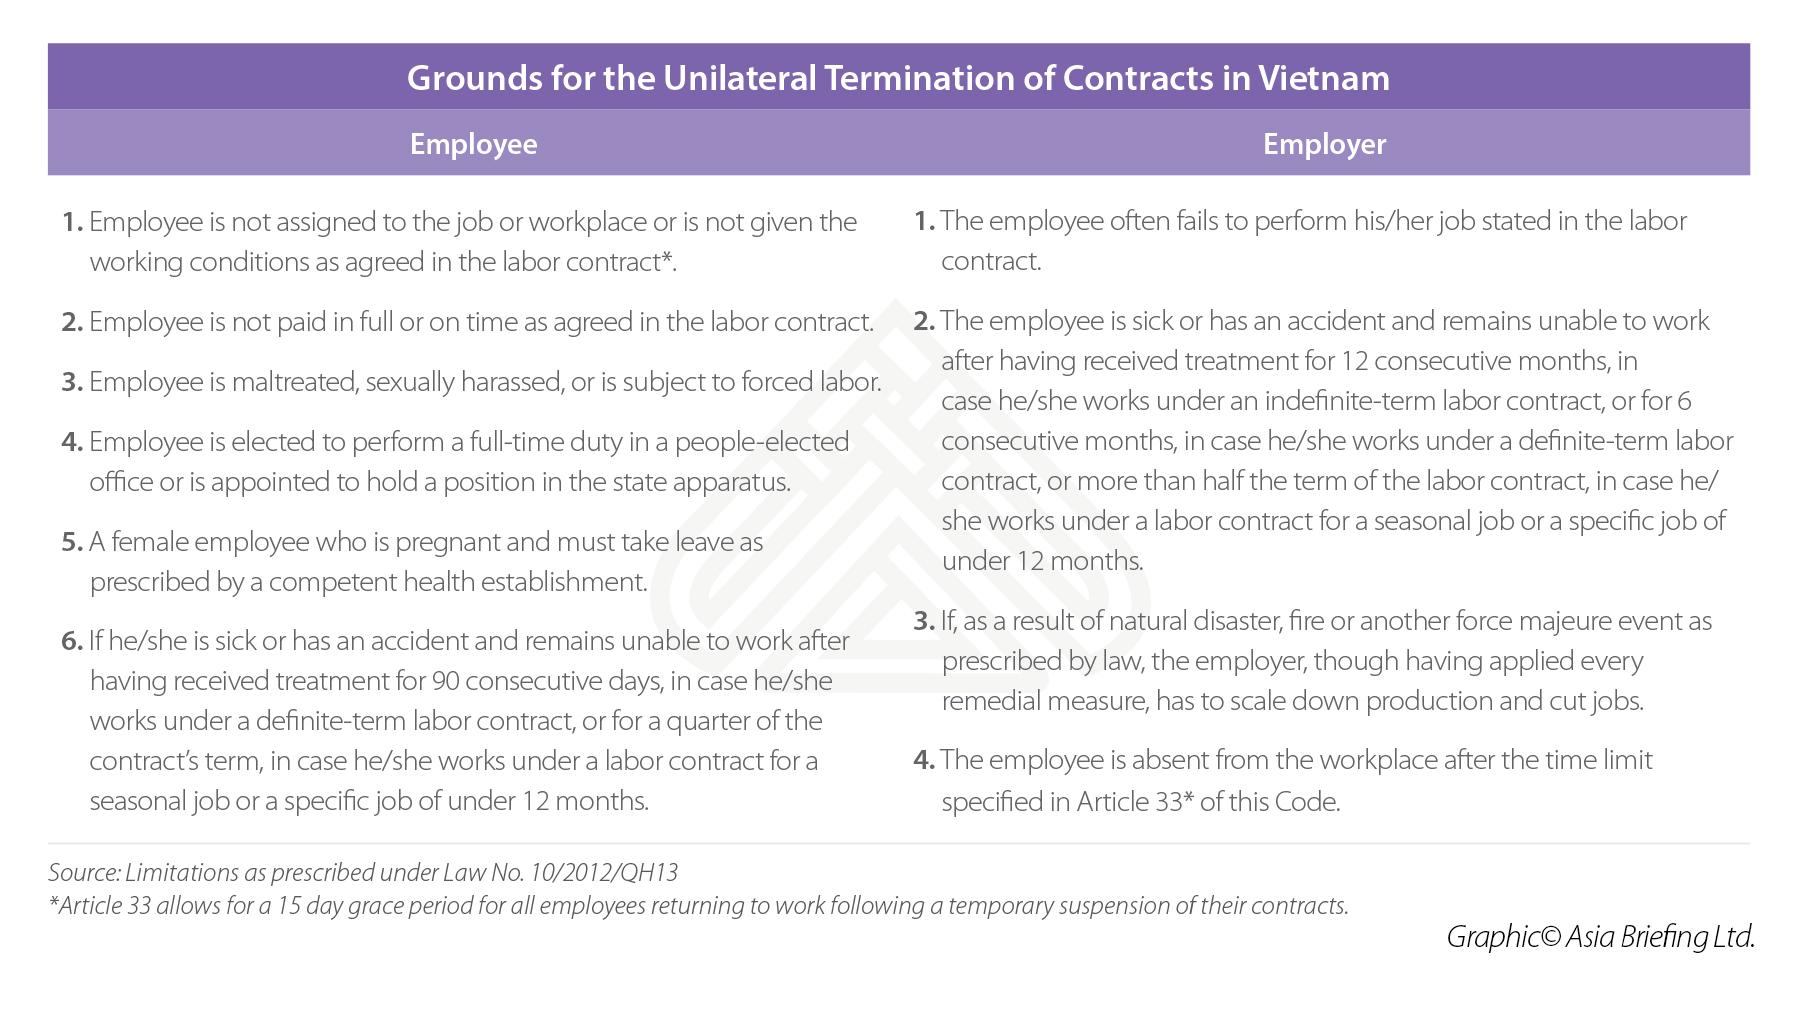 Unilateral termination eligibility